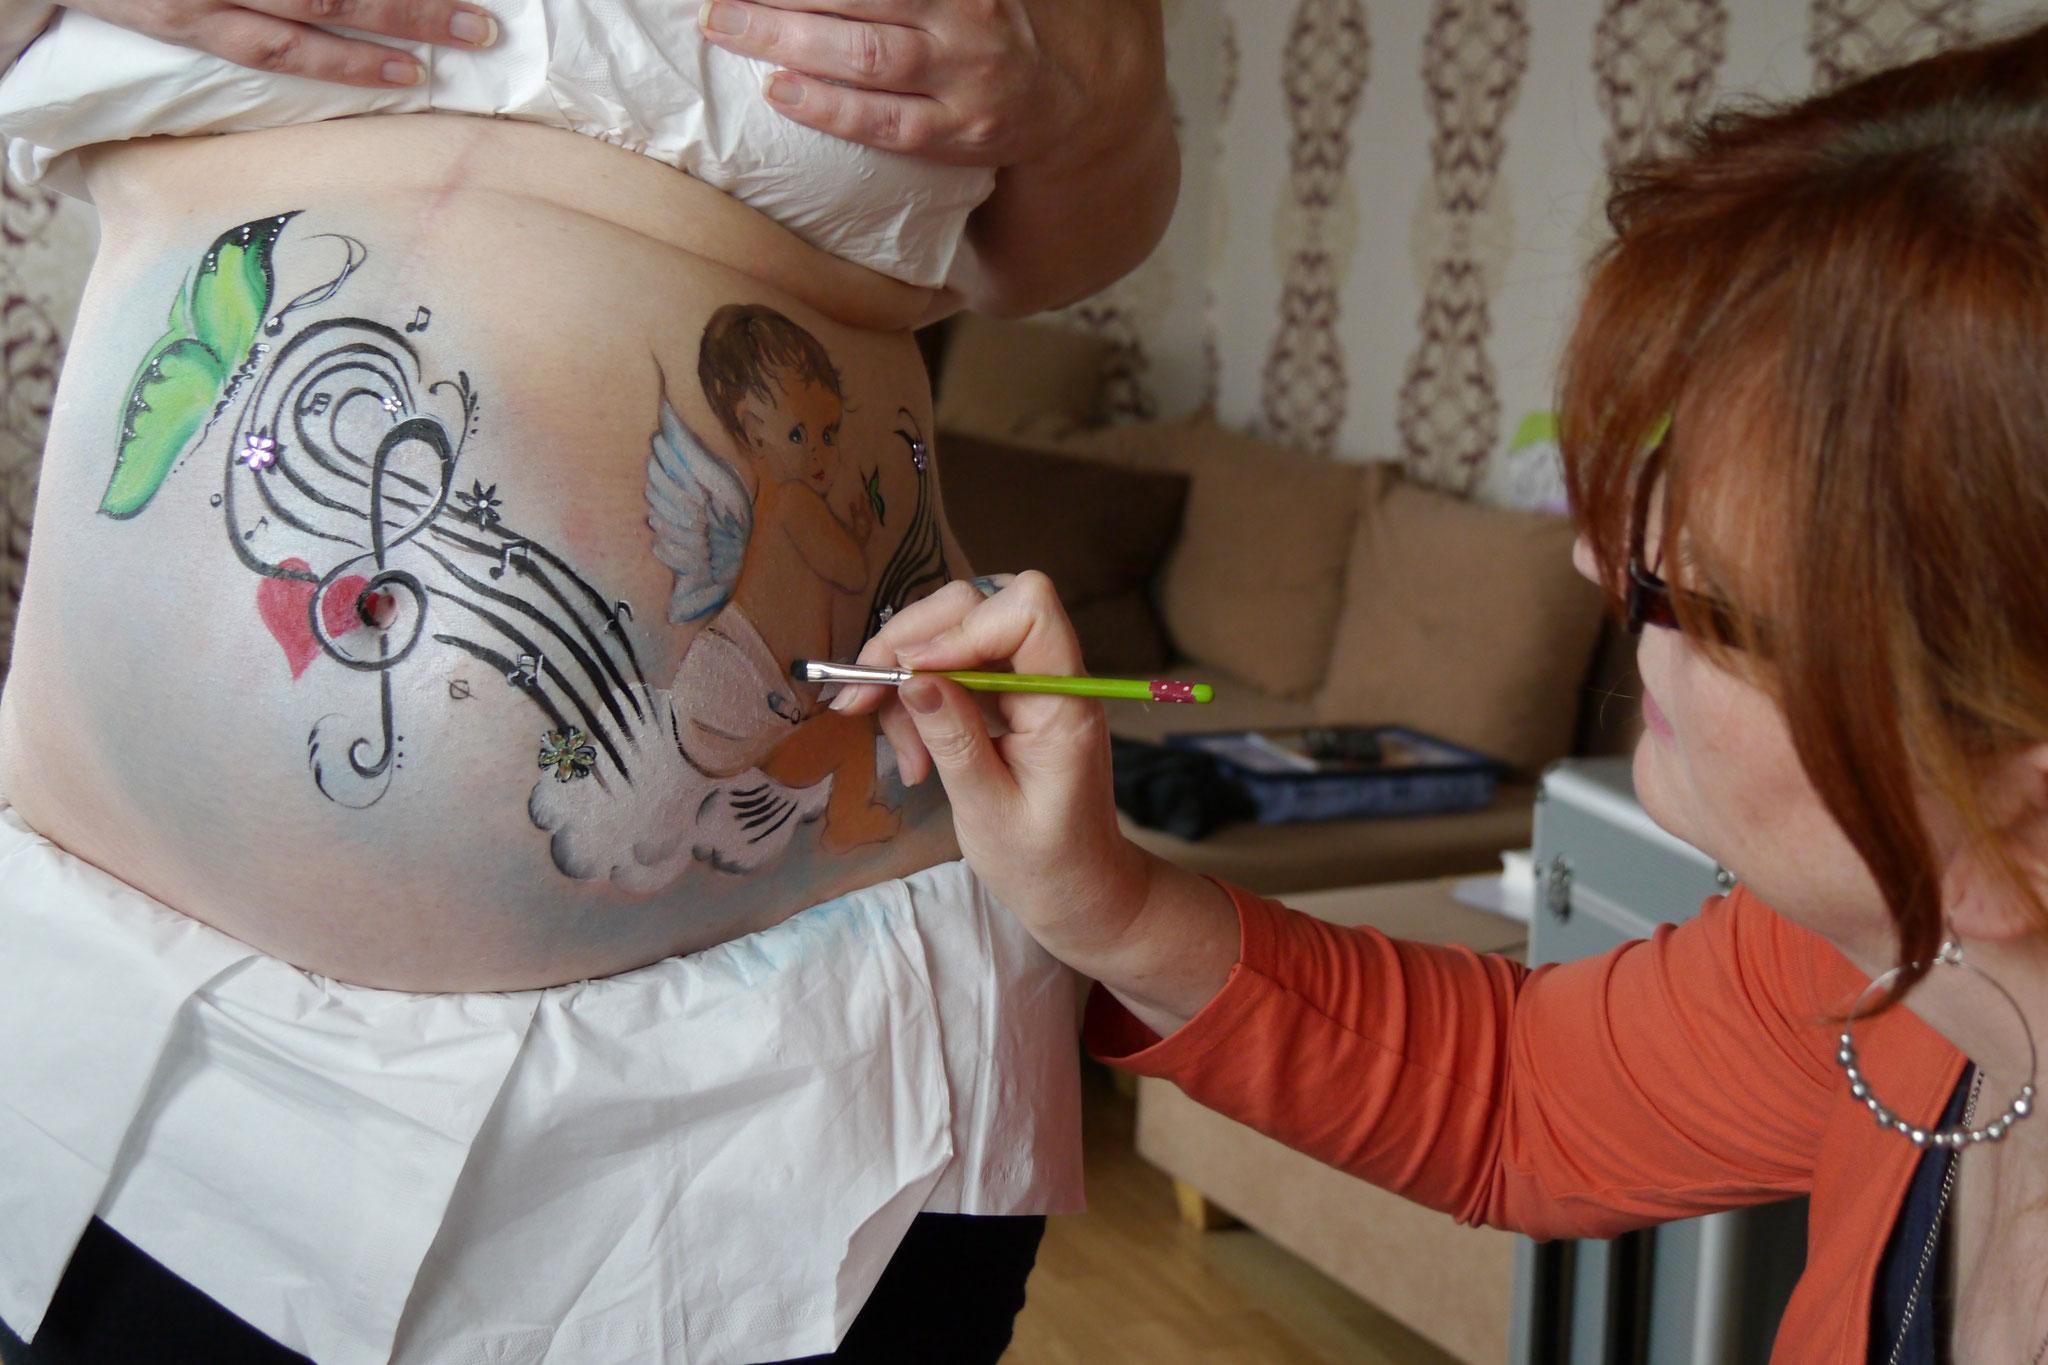 Persönliche Belly Paintings mit und ohne Fotoshooting